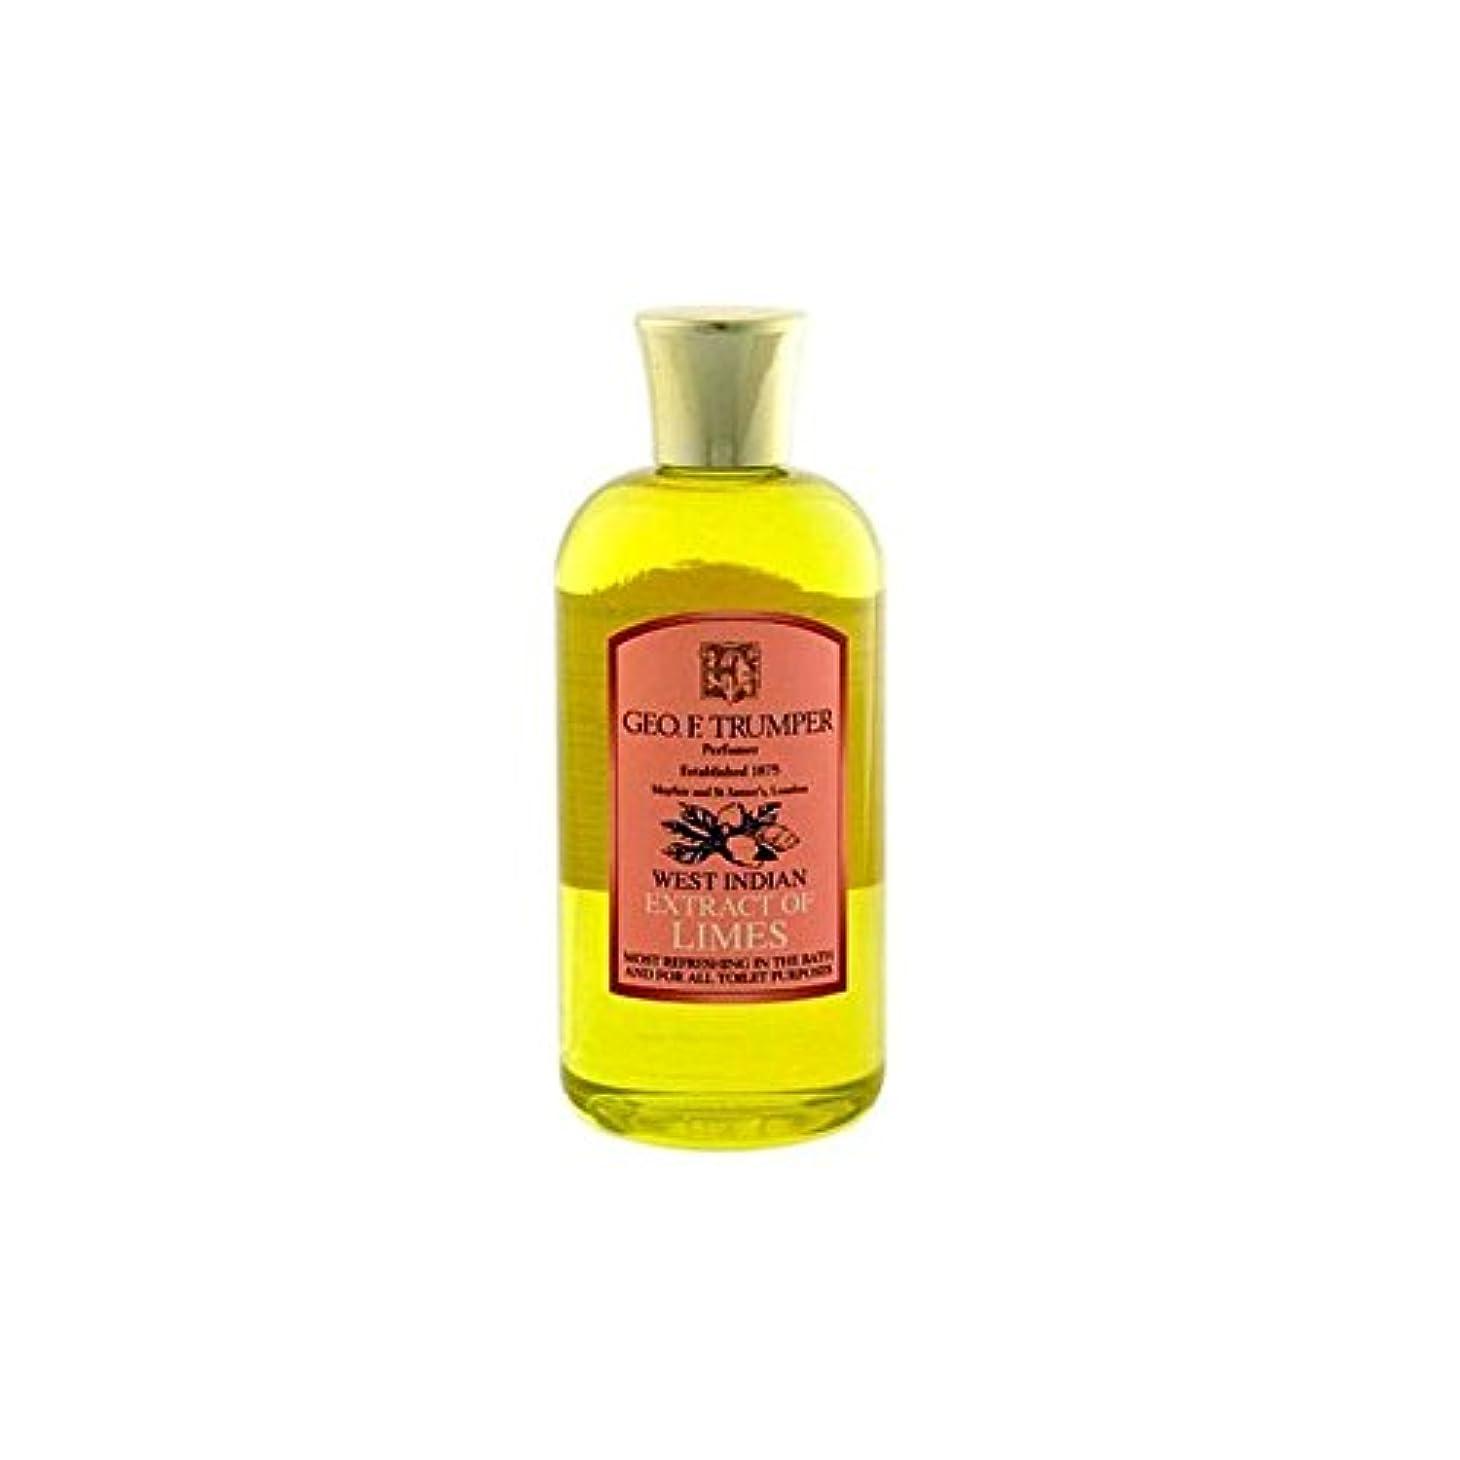 祈り変形する建築家ライムのバスタブとシャワージェル200の抽出物を x4 - Trumpers Extracts of Limes Bath and Shower Gel 200ml (Pack of 4) [並行輸入品]